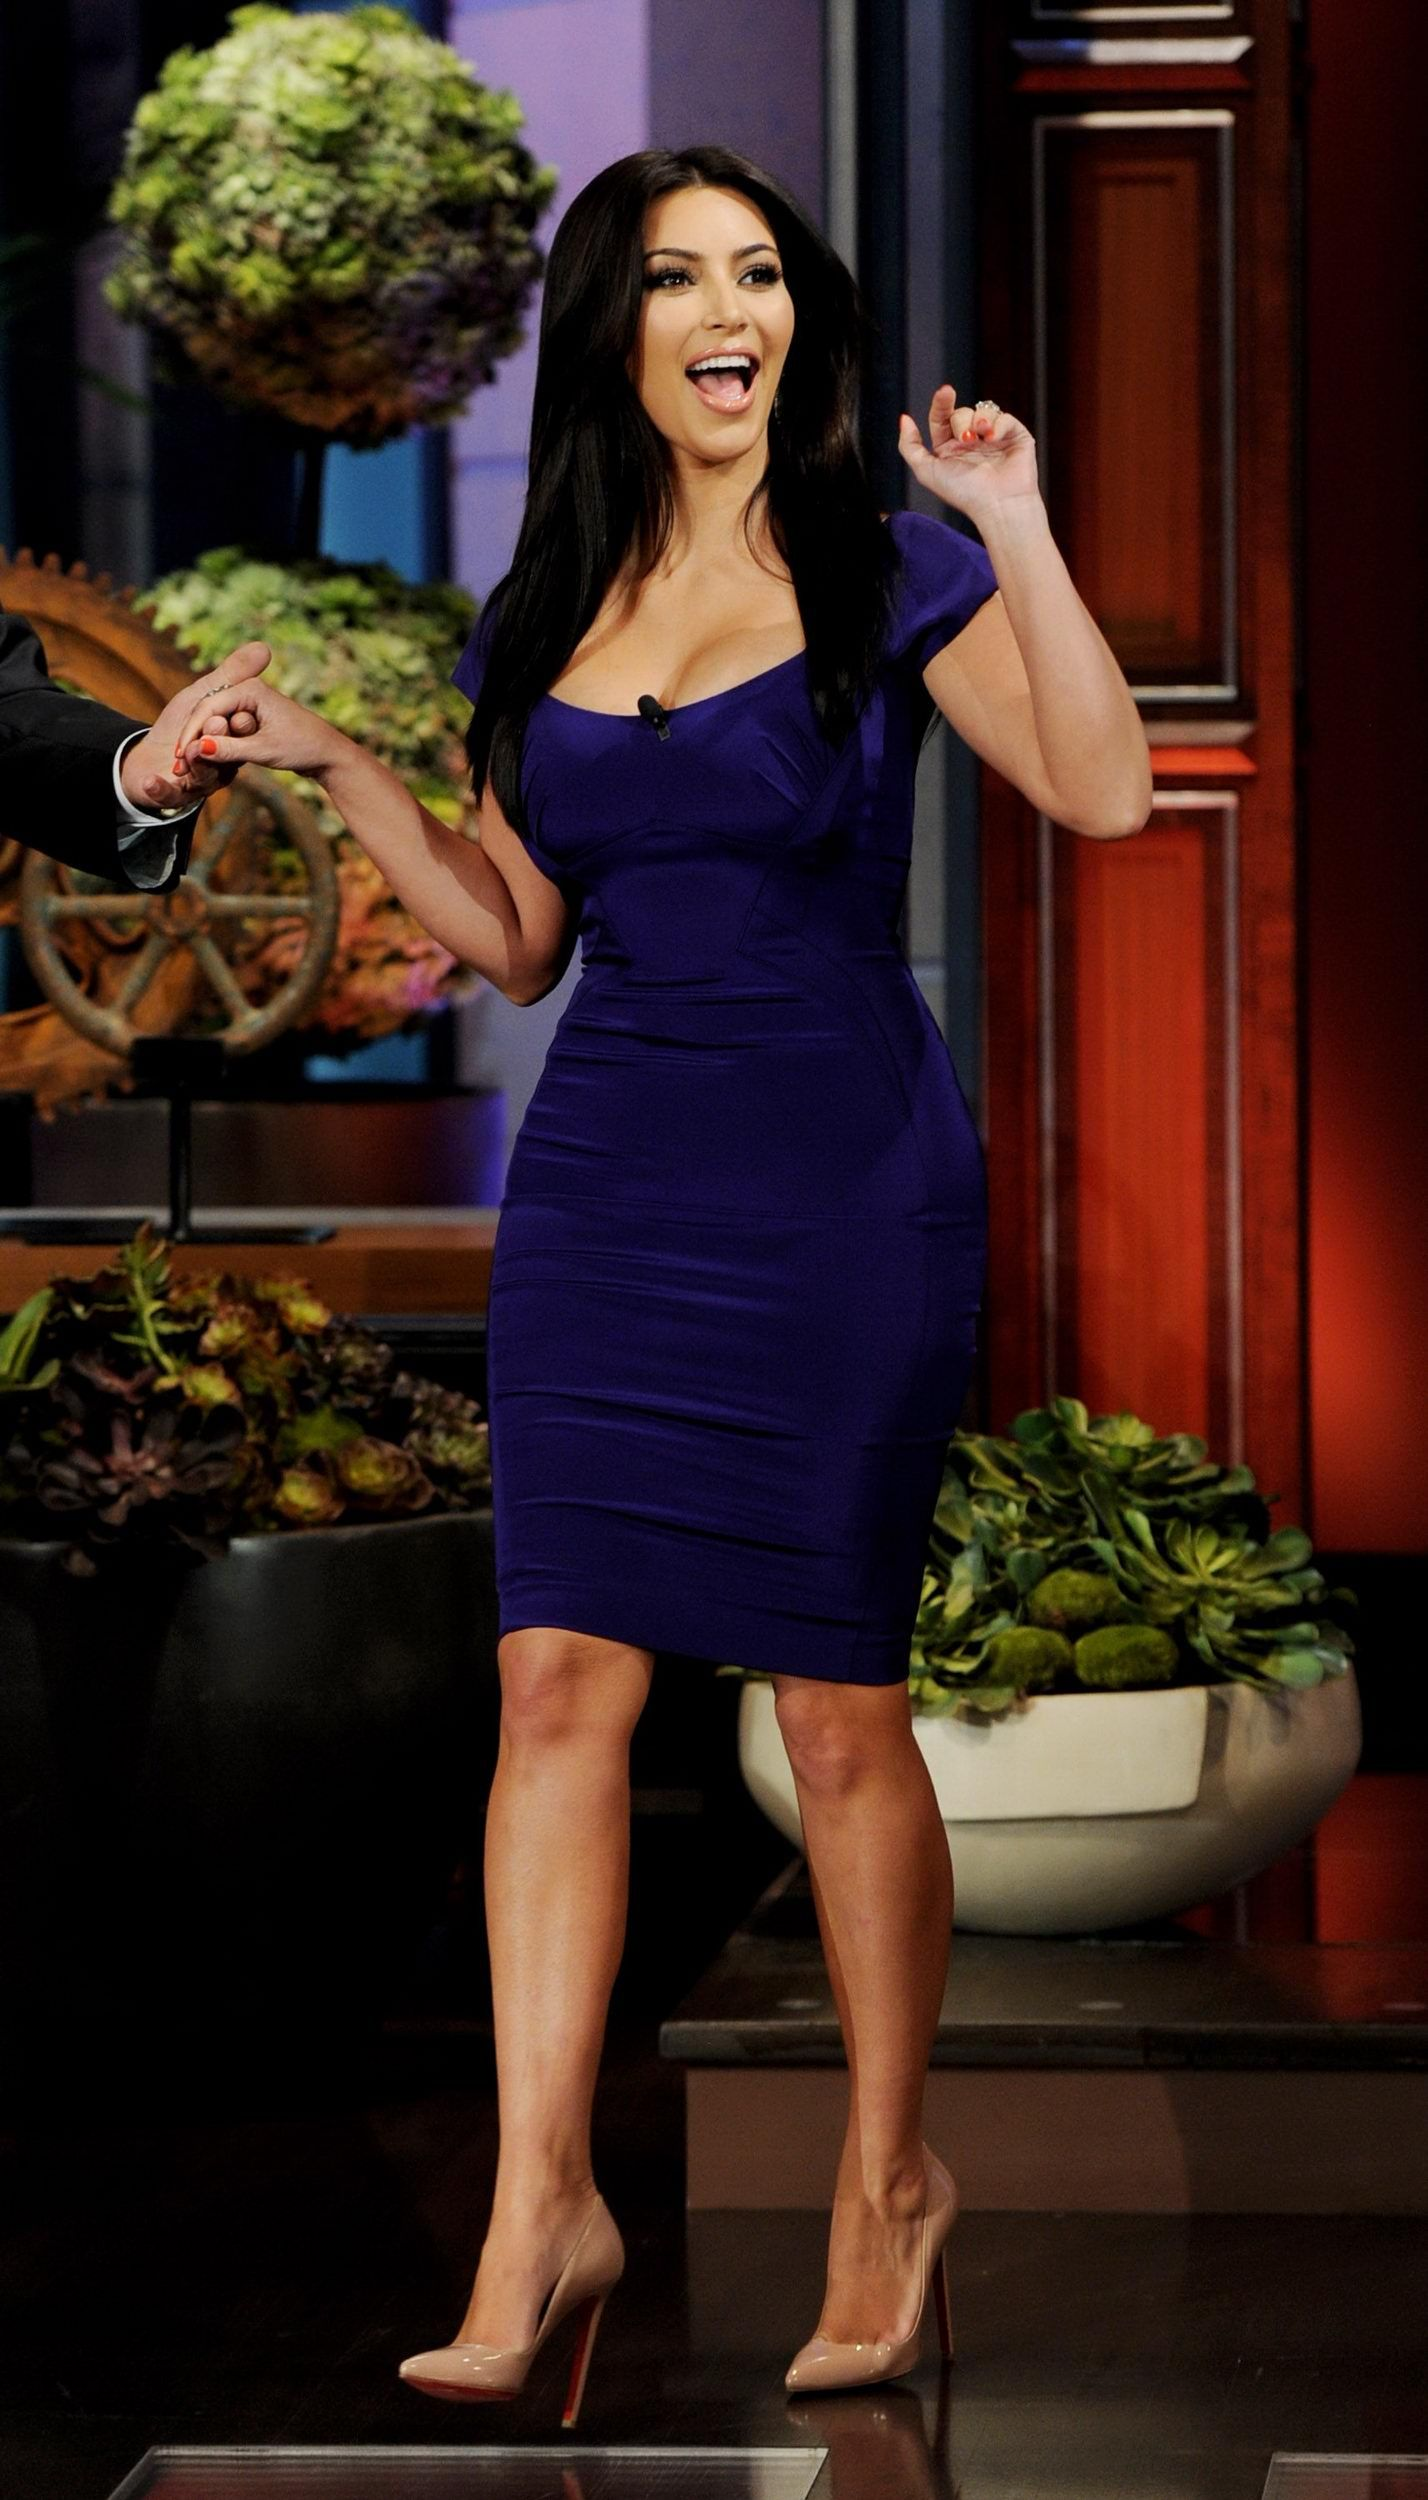 Kim Kardashian [113] - Ipercaforum | kim kardashian | Pinterest